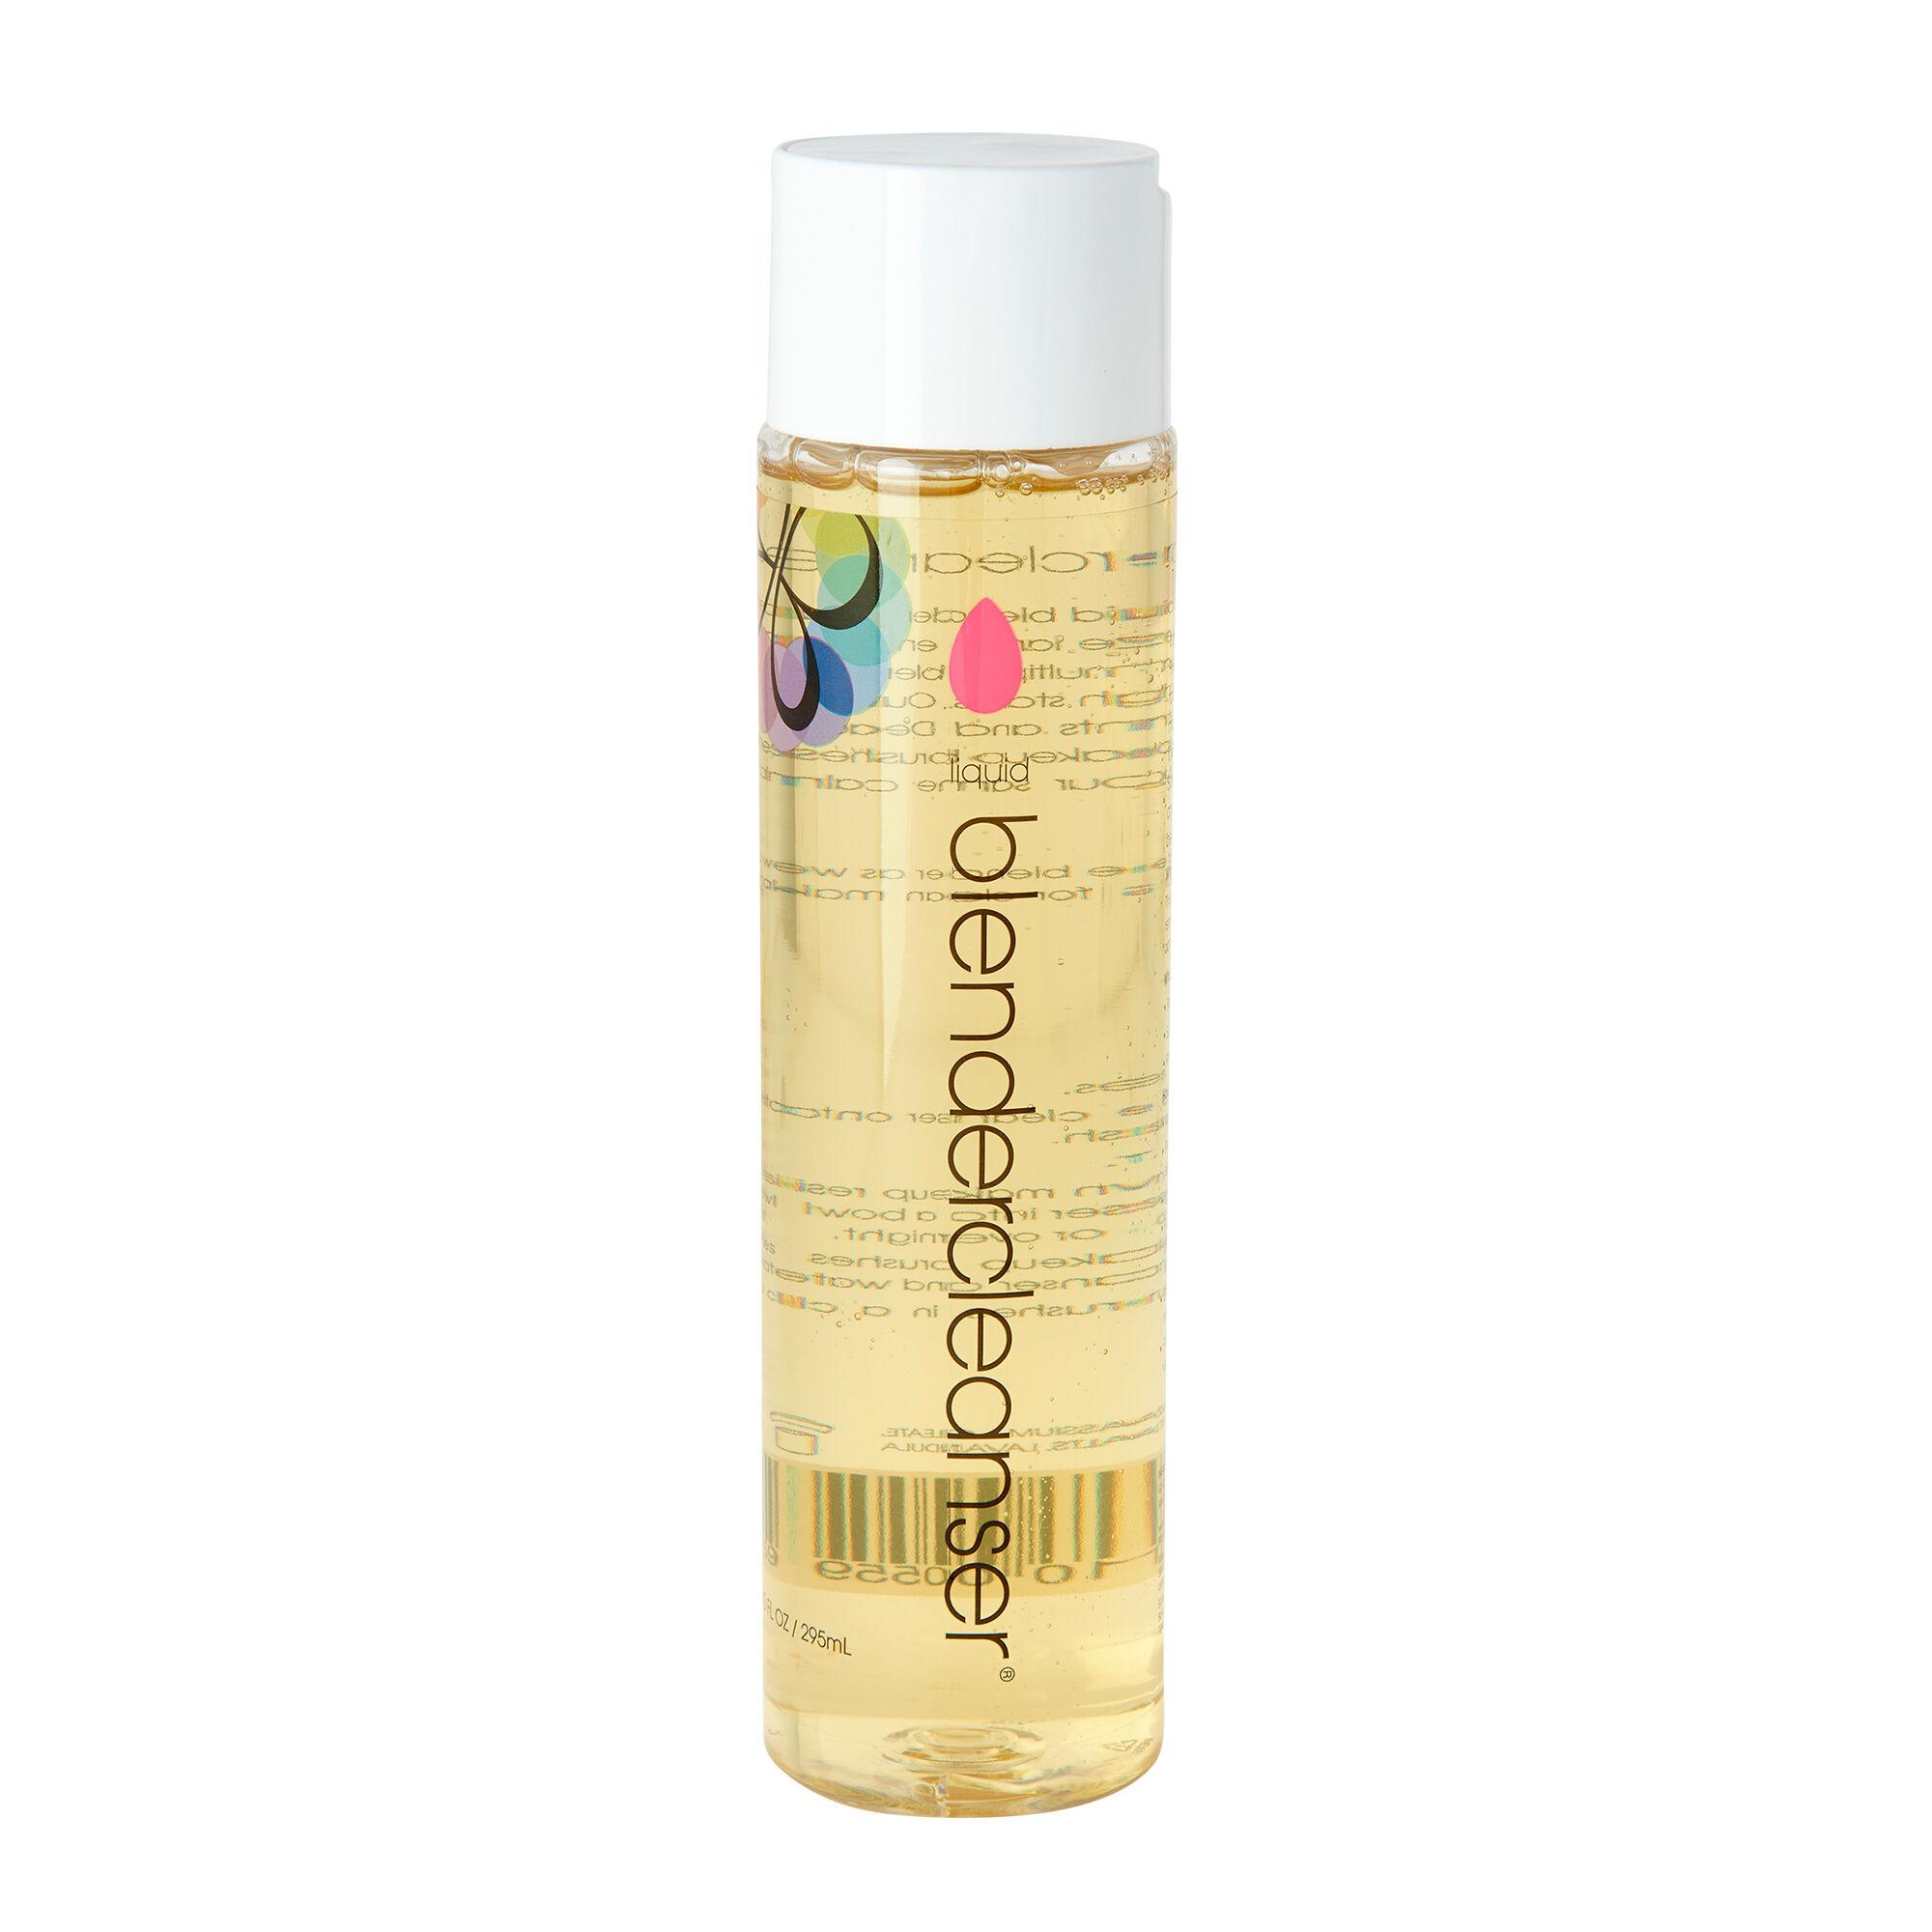 beautyblender Savon nettoyant liquide BlenderCleanser Liquid BlenderCleanser 295ml